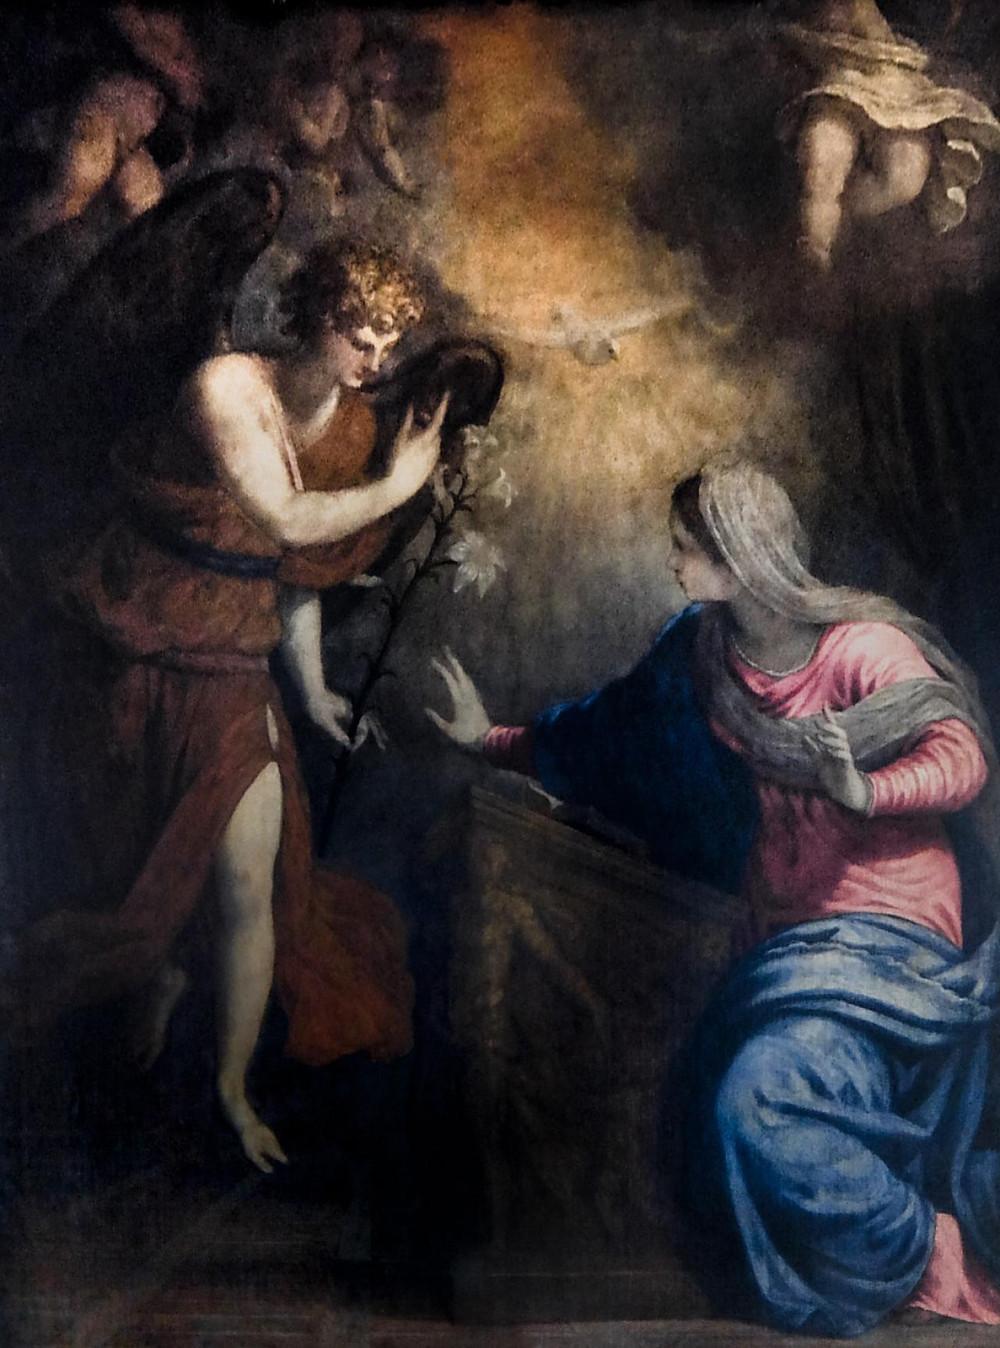 Cuadro de la Anunciación de Salviati en el que el Arcangel Grabriel entrega un lirio (GIGLIO, en italiano) a la Virgen María